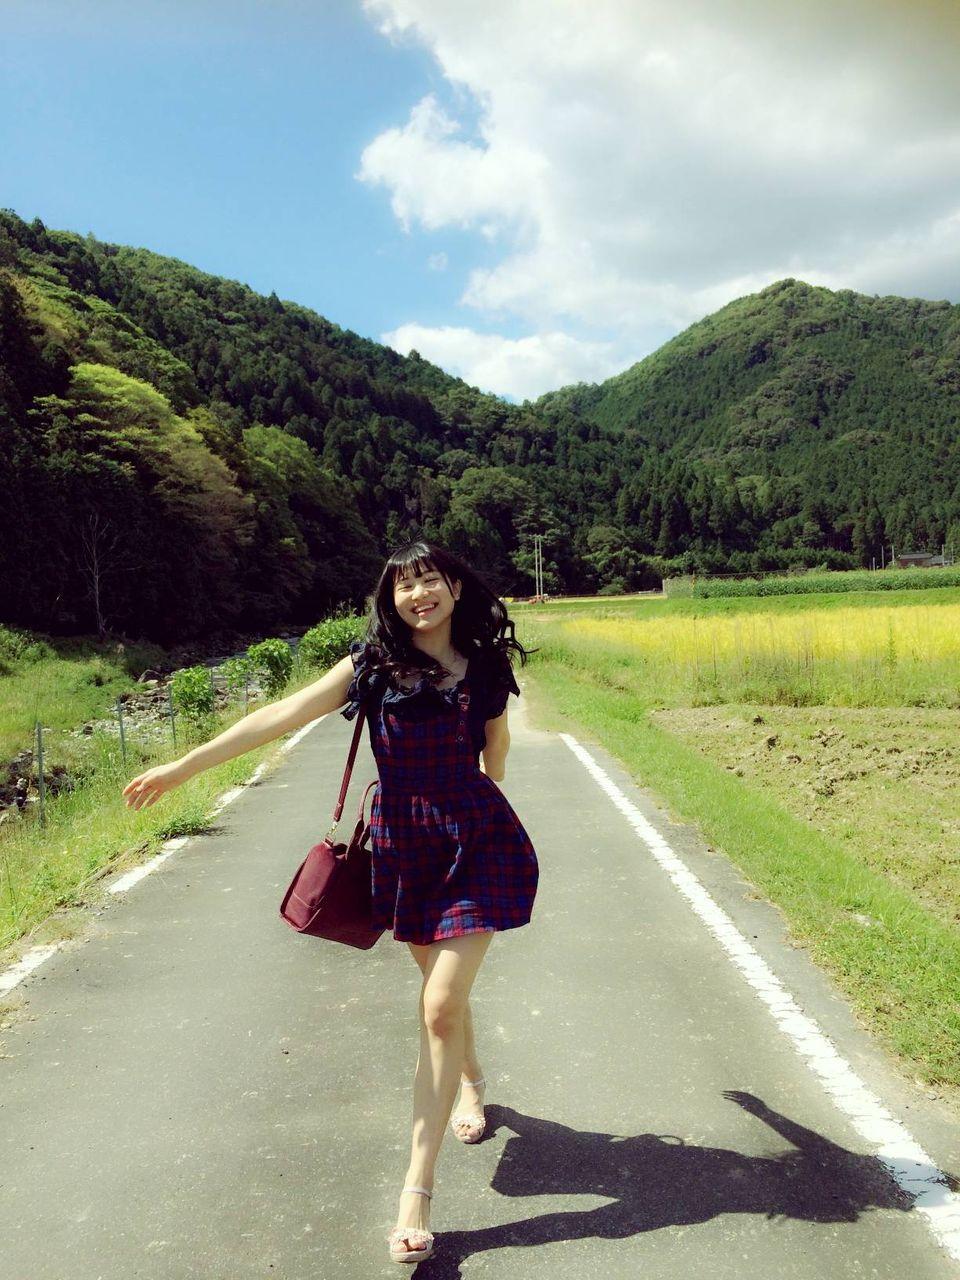 【速報】NMB48植田碧麗が卒業を発表。卒業公演は9月30日